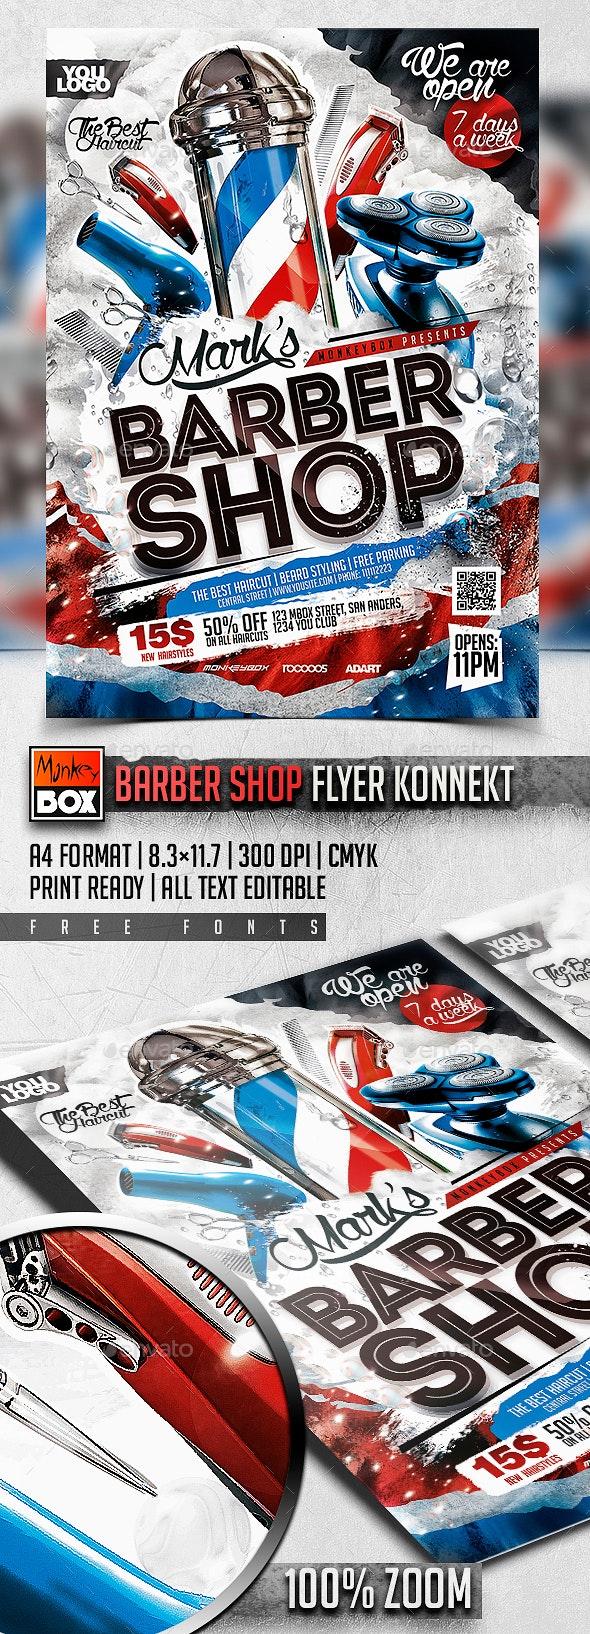 Barber Shop Flyer Konnekt - Commerce Flyers